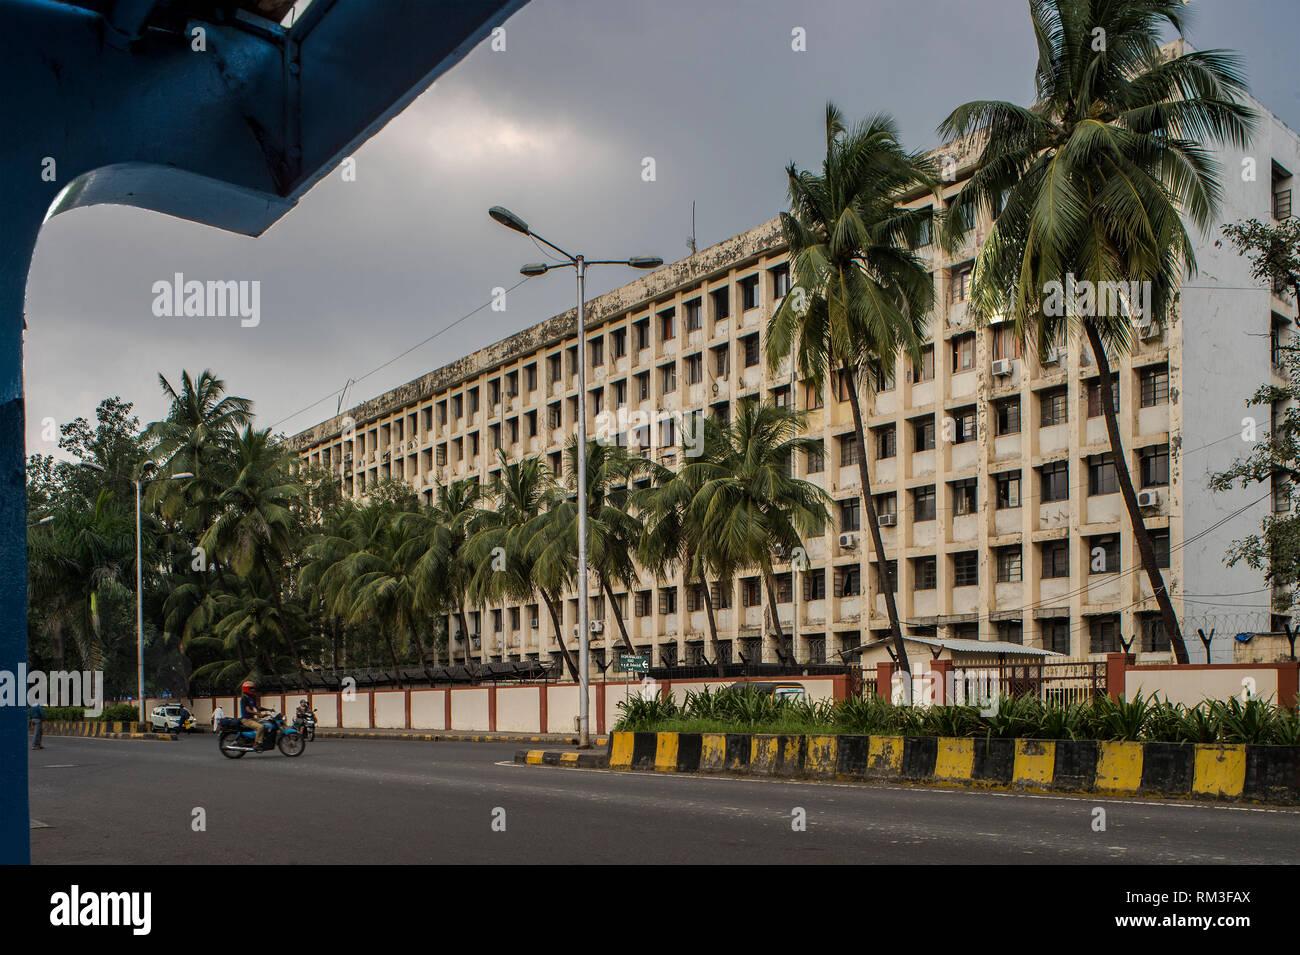 Edificio, Nirmala Devi Marg, Navi Mumbai, Maharashtra, India, Asia Immagini Stock